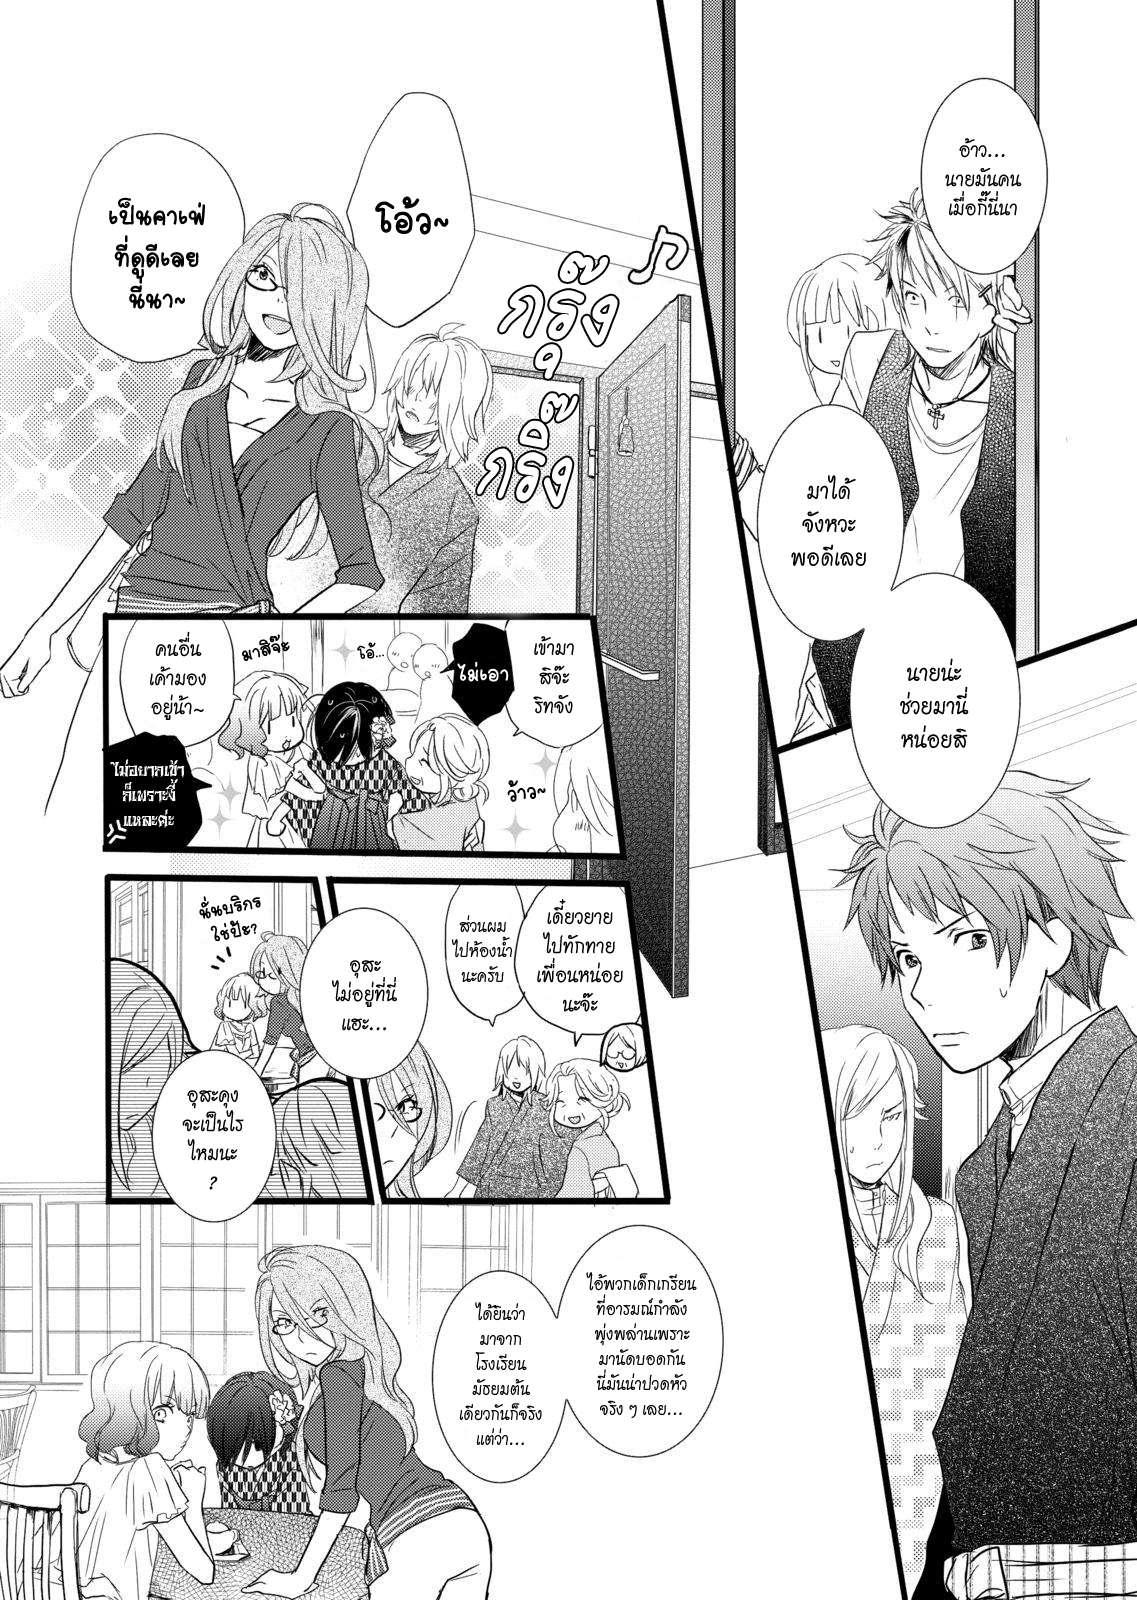 อ่านการ์ตูน Bokura wa Minna Kawaisou ตอนที่ 20 หน้าที่ 7